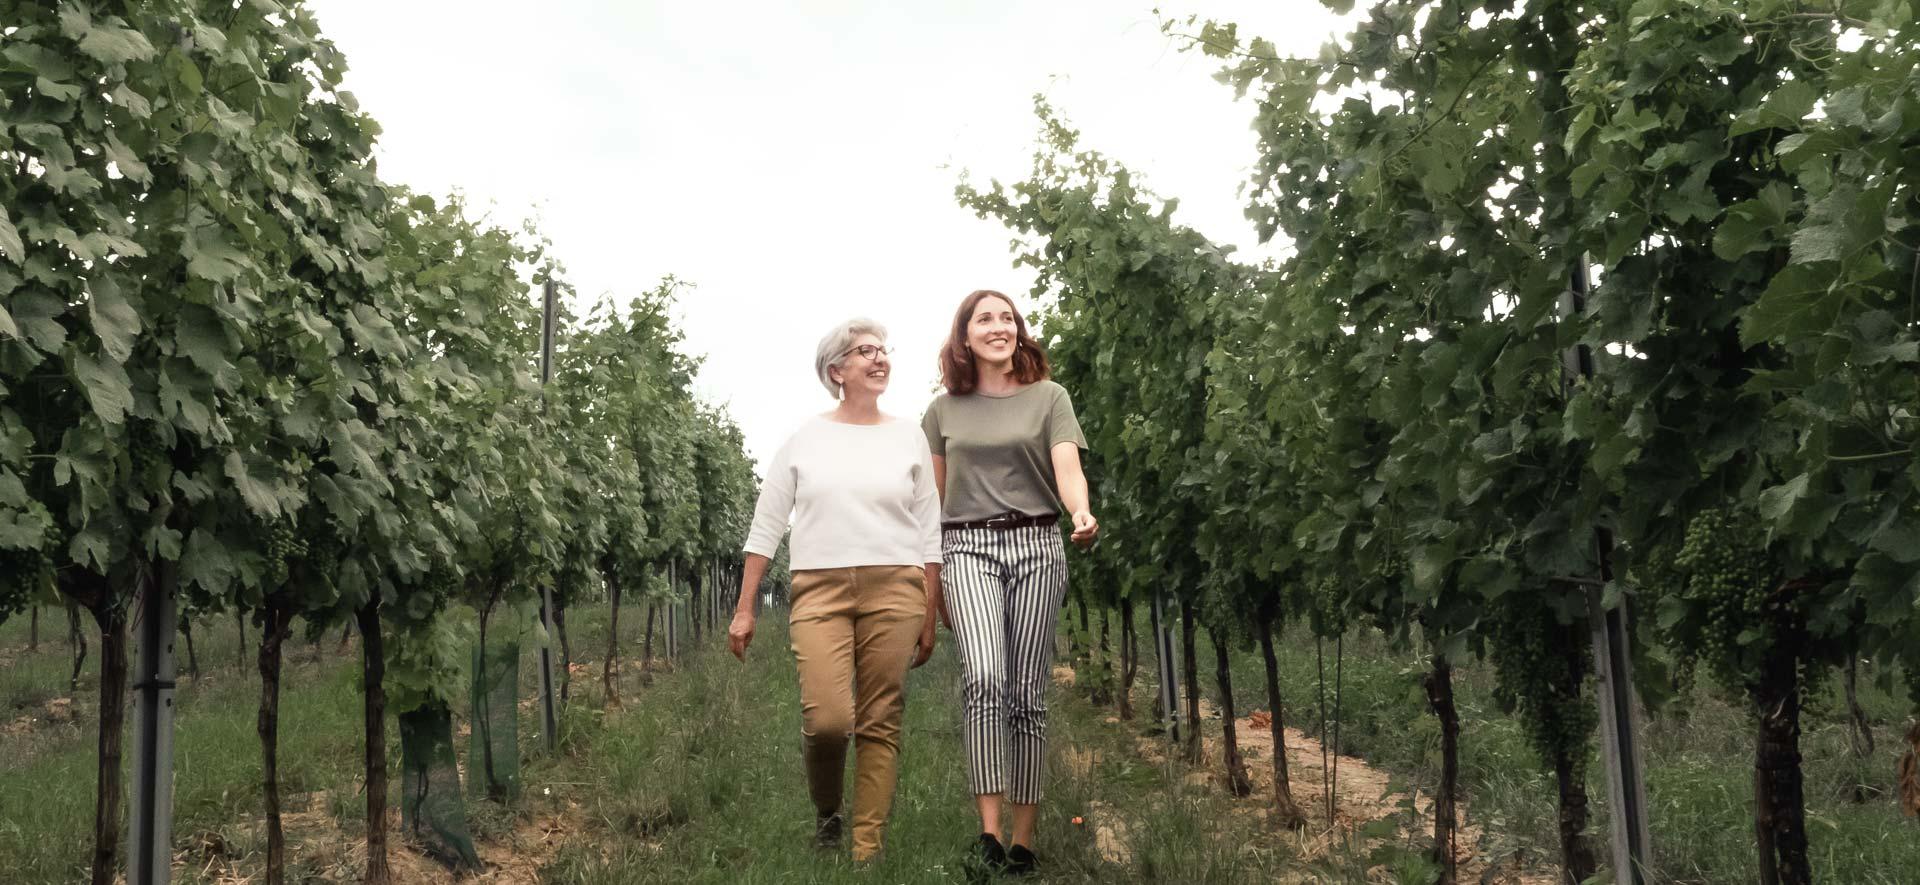 Winzerinnen Maria Faber-Köchl und Anna Faber gehen durch den Weingarten